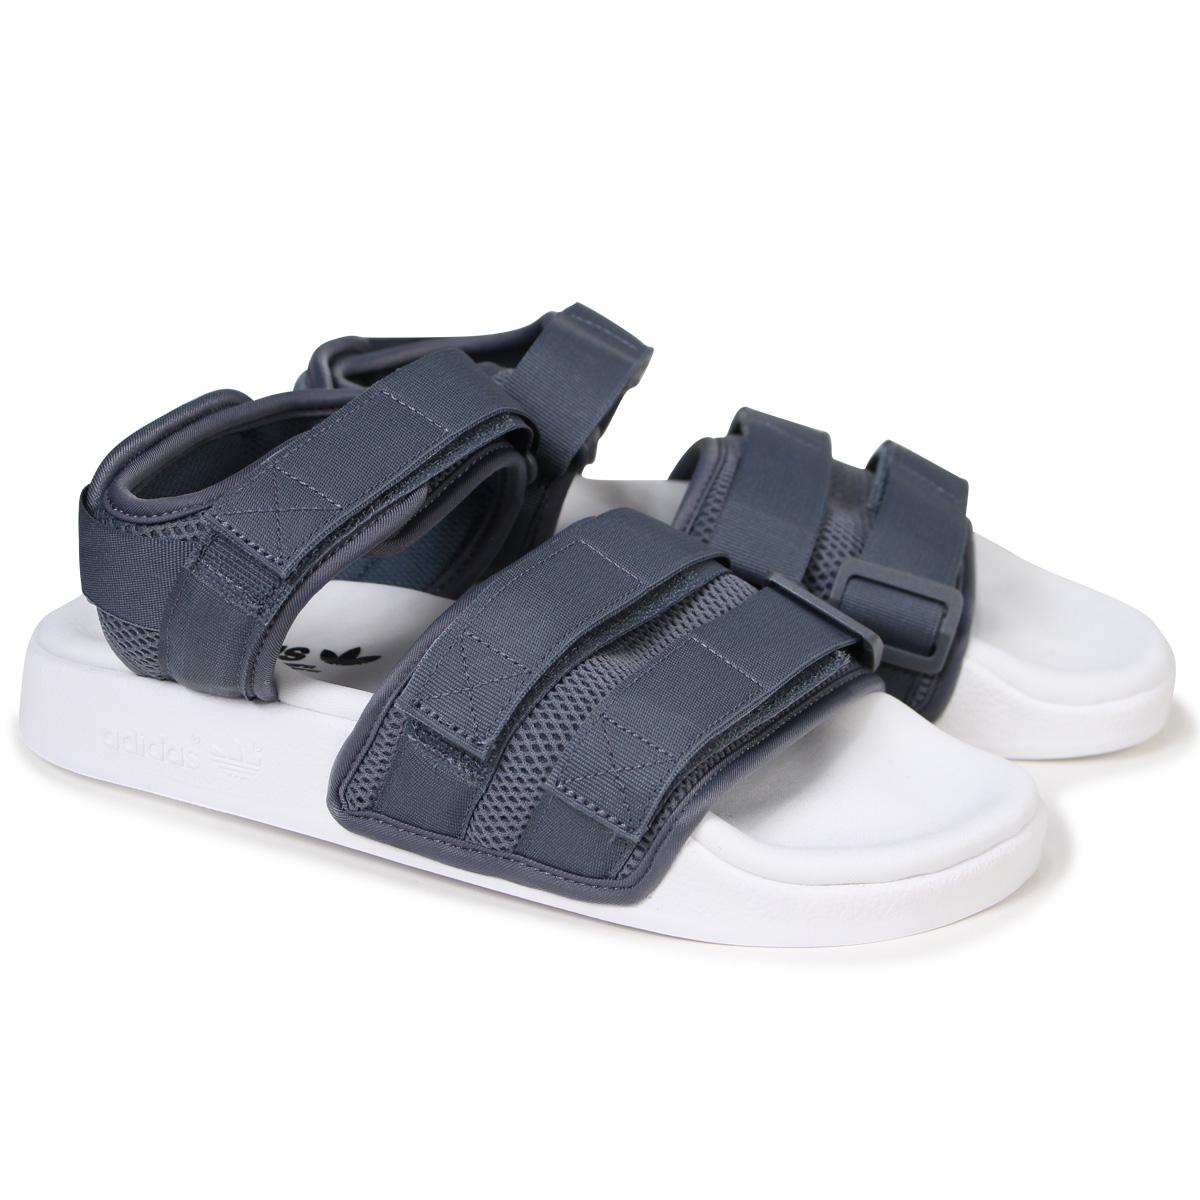 オンライン adidas originals adilette sandal 2 0 w アディダス アディレッタ